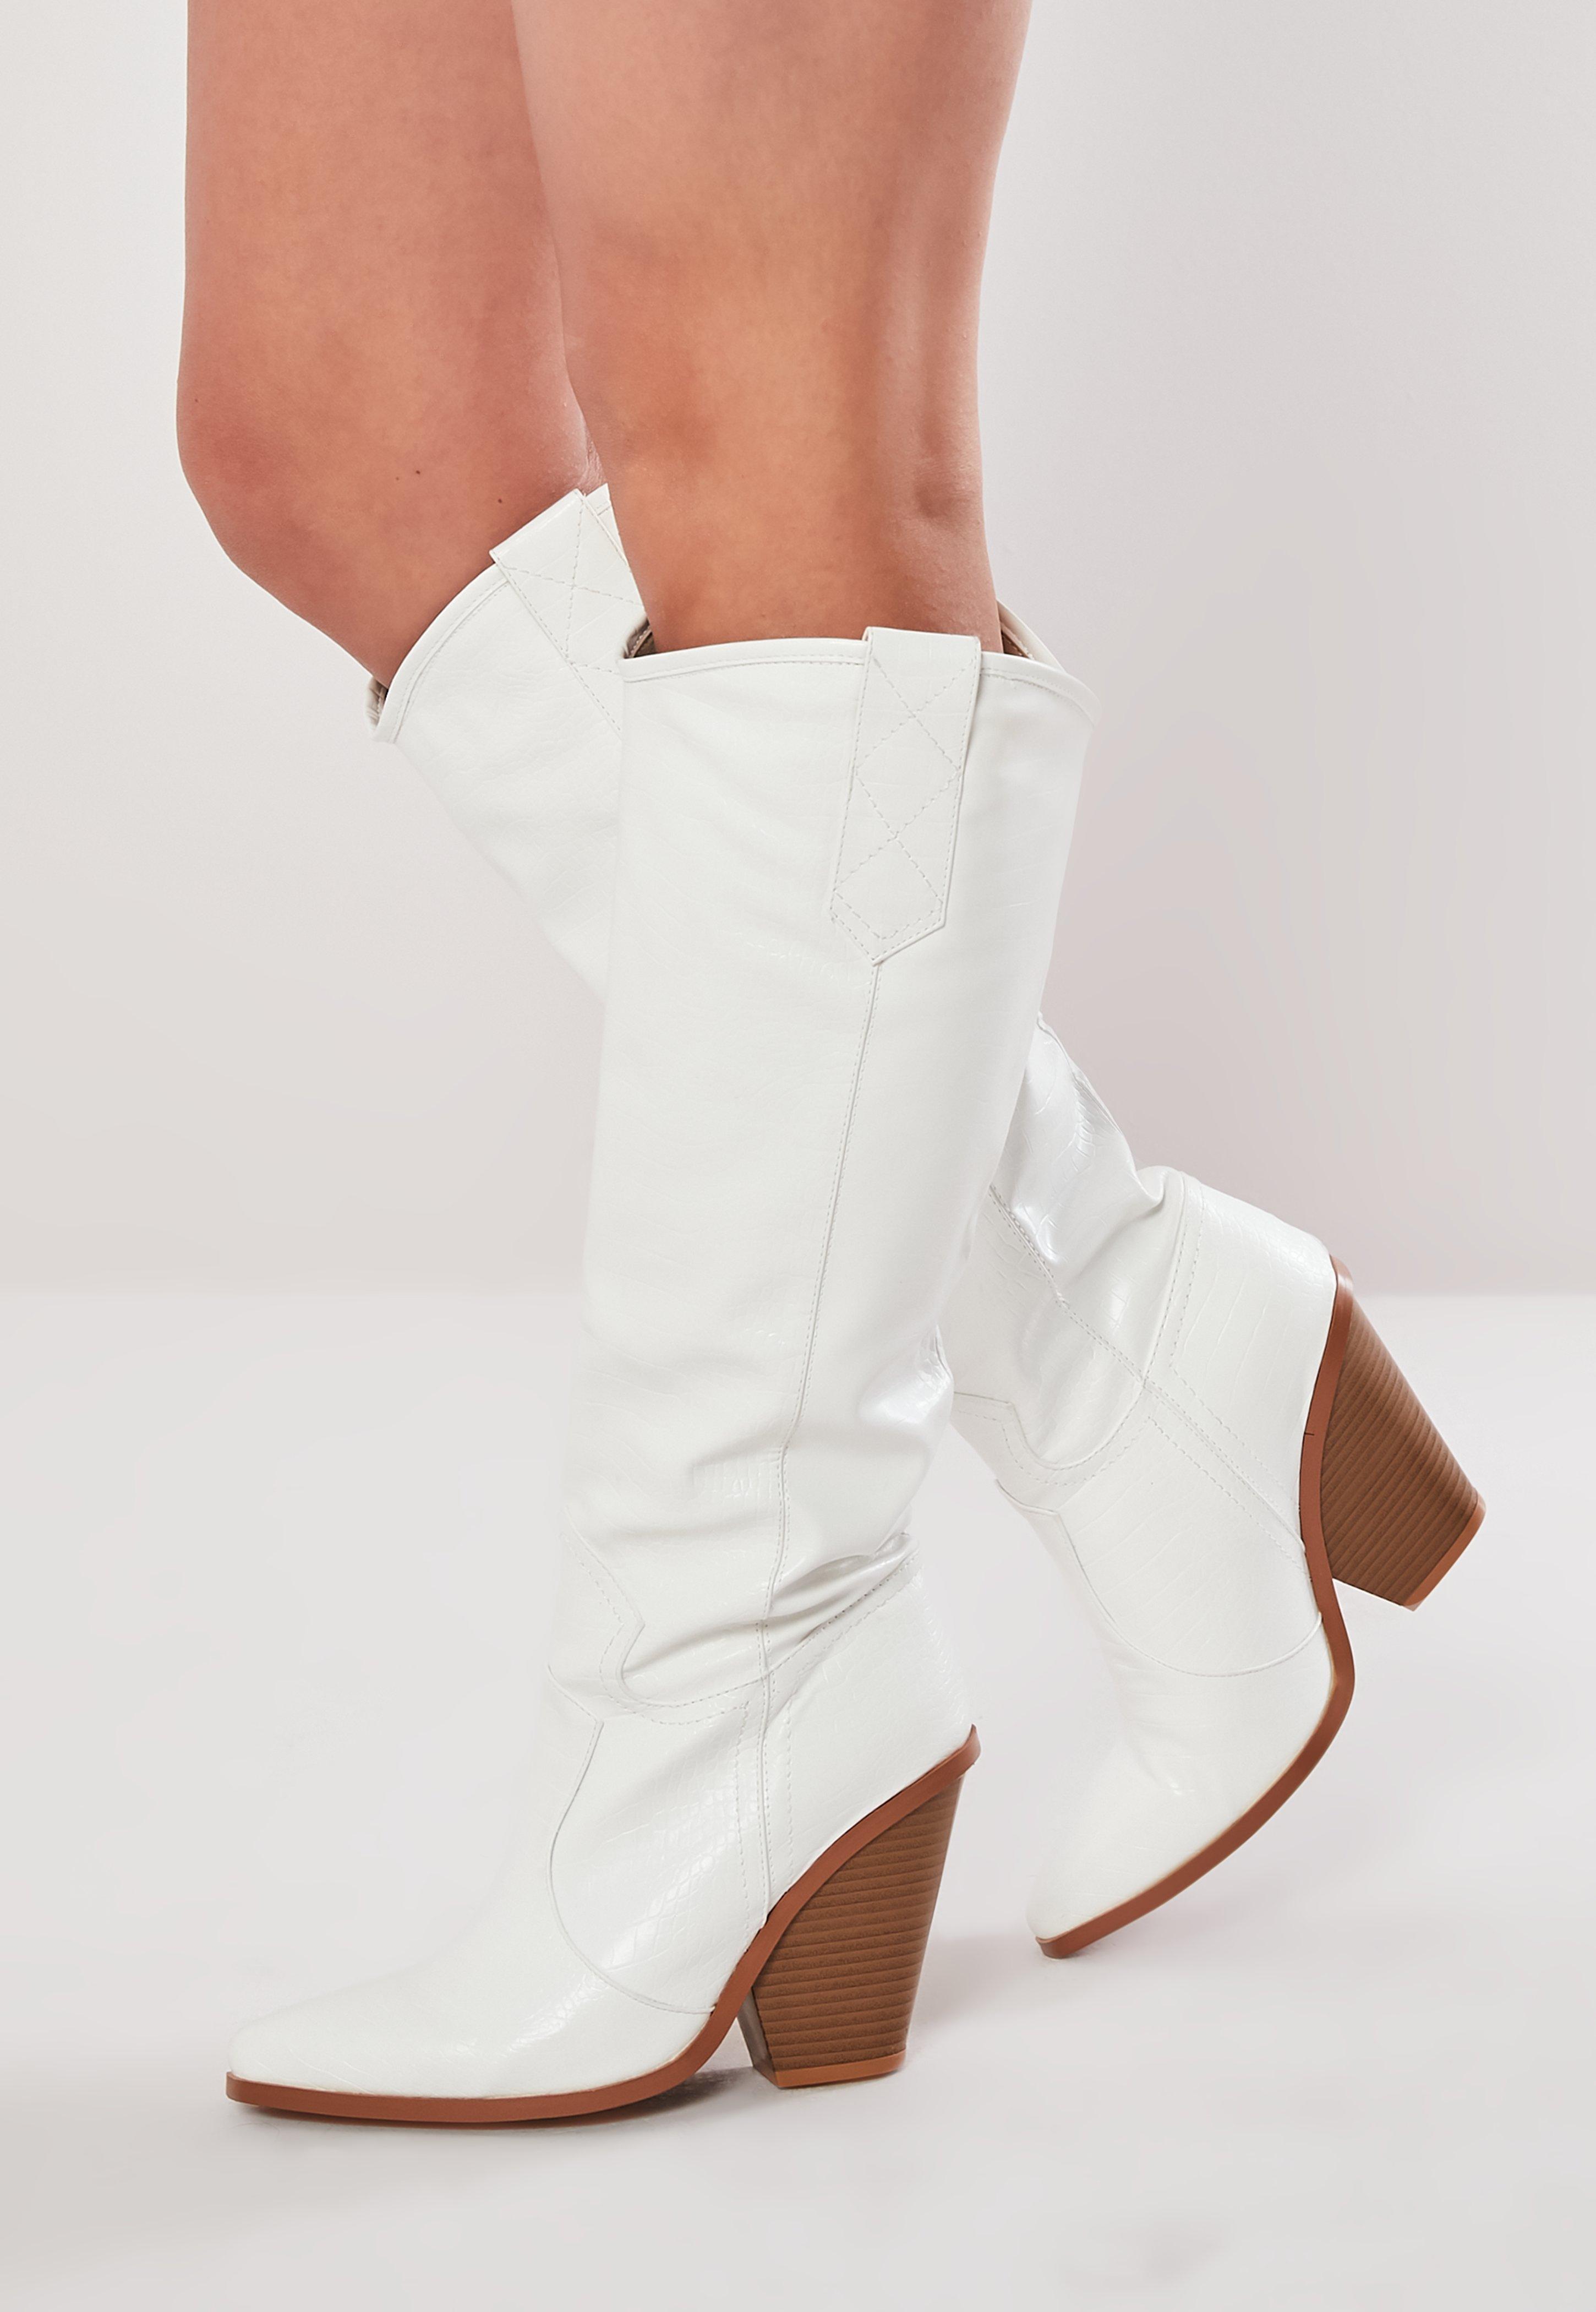 6d75bb27d0b White Calf Height Western Cowboy Boots